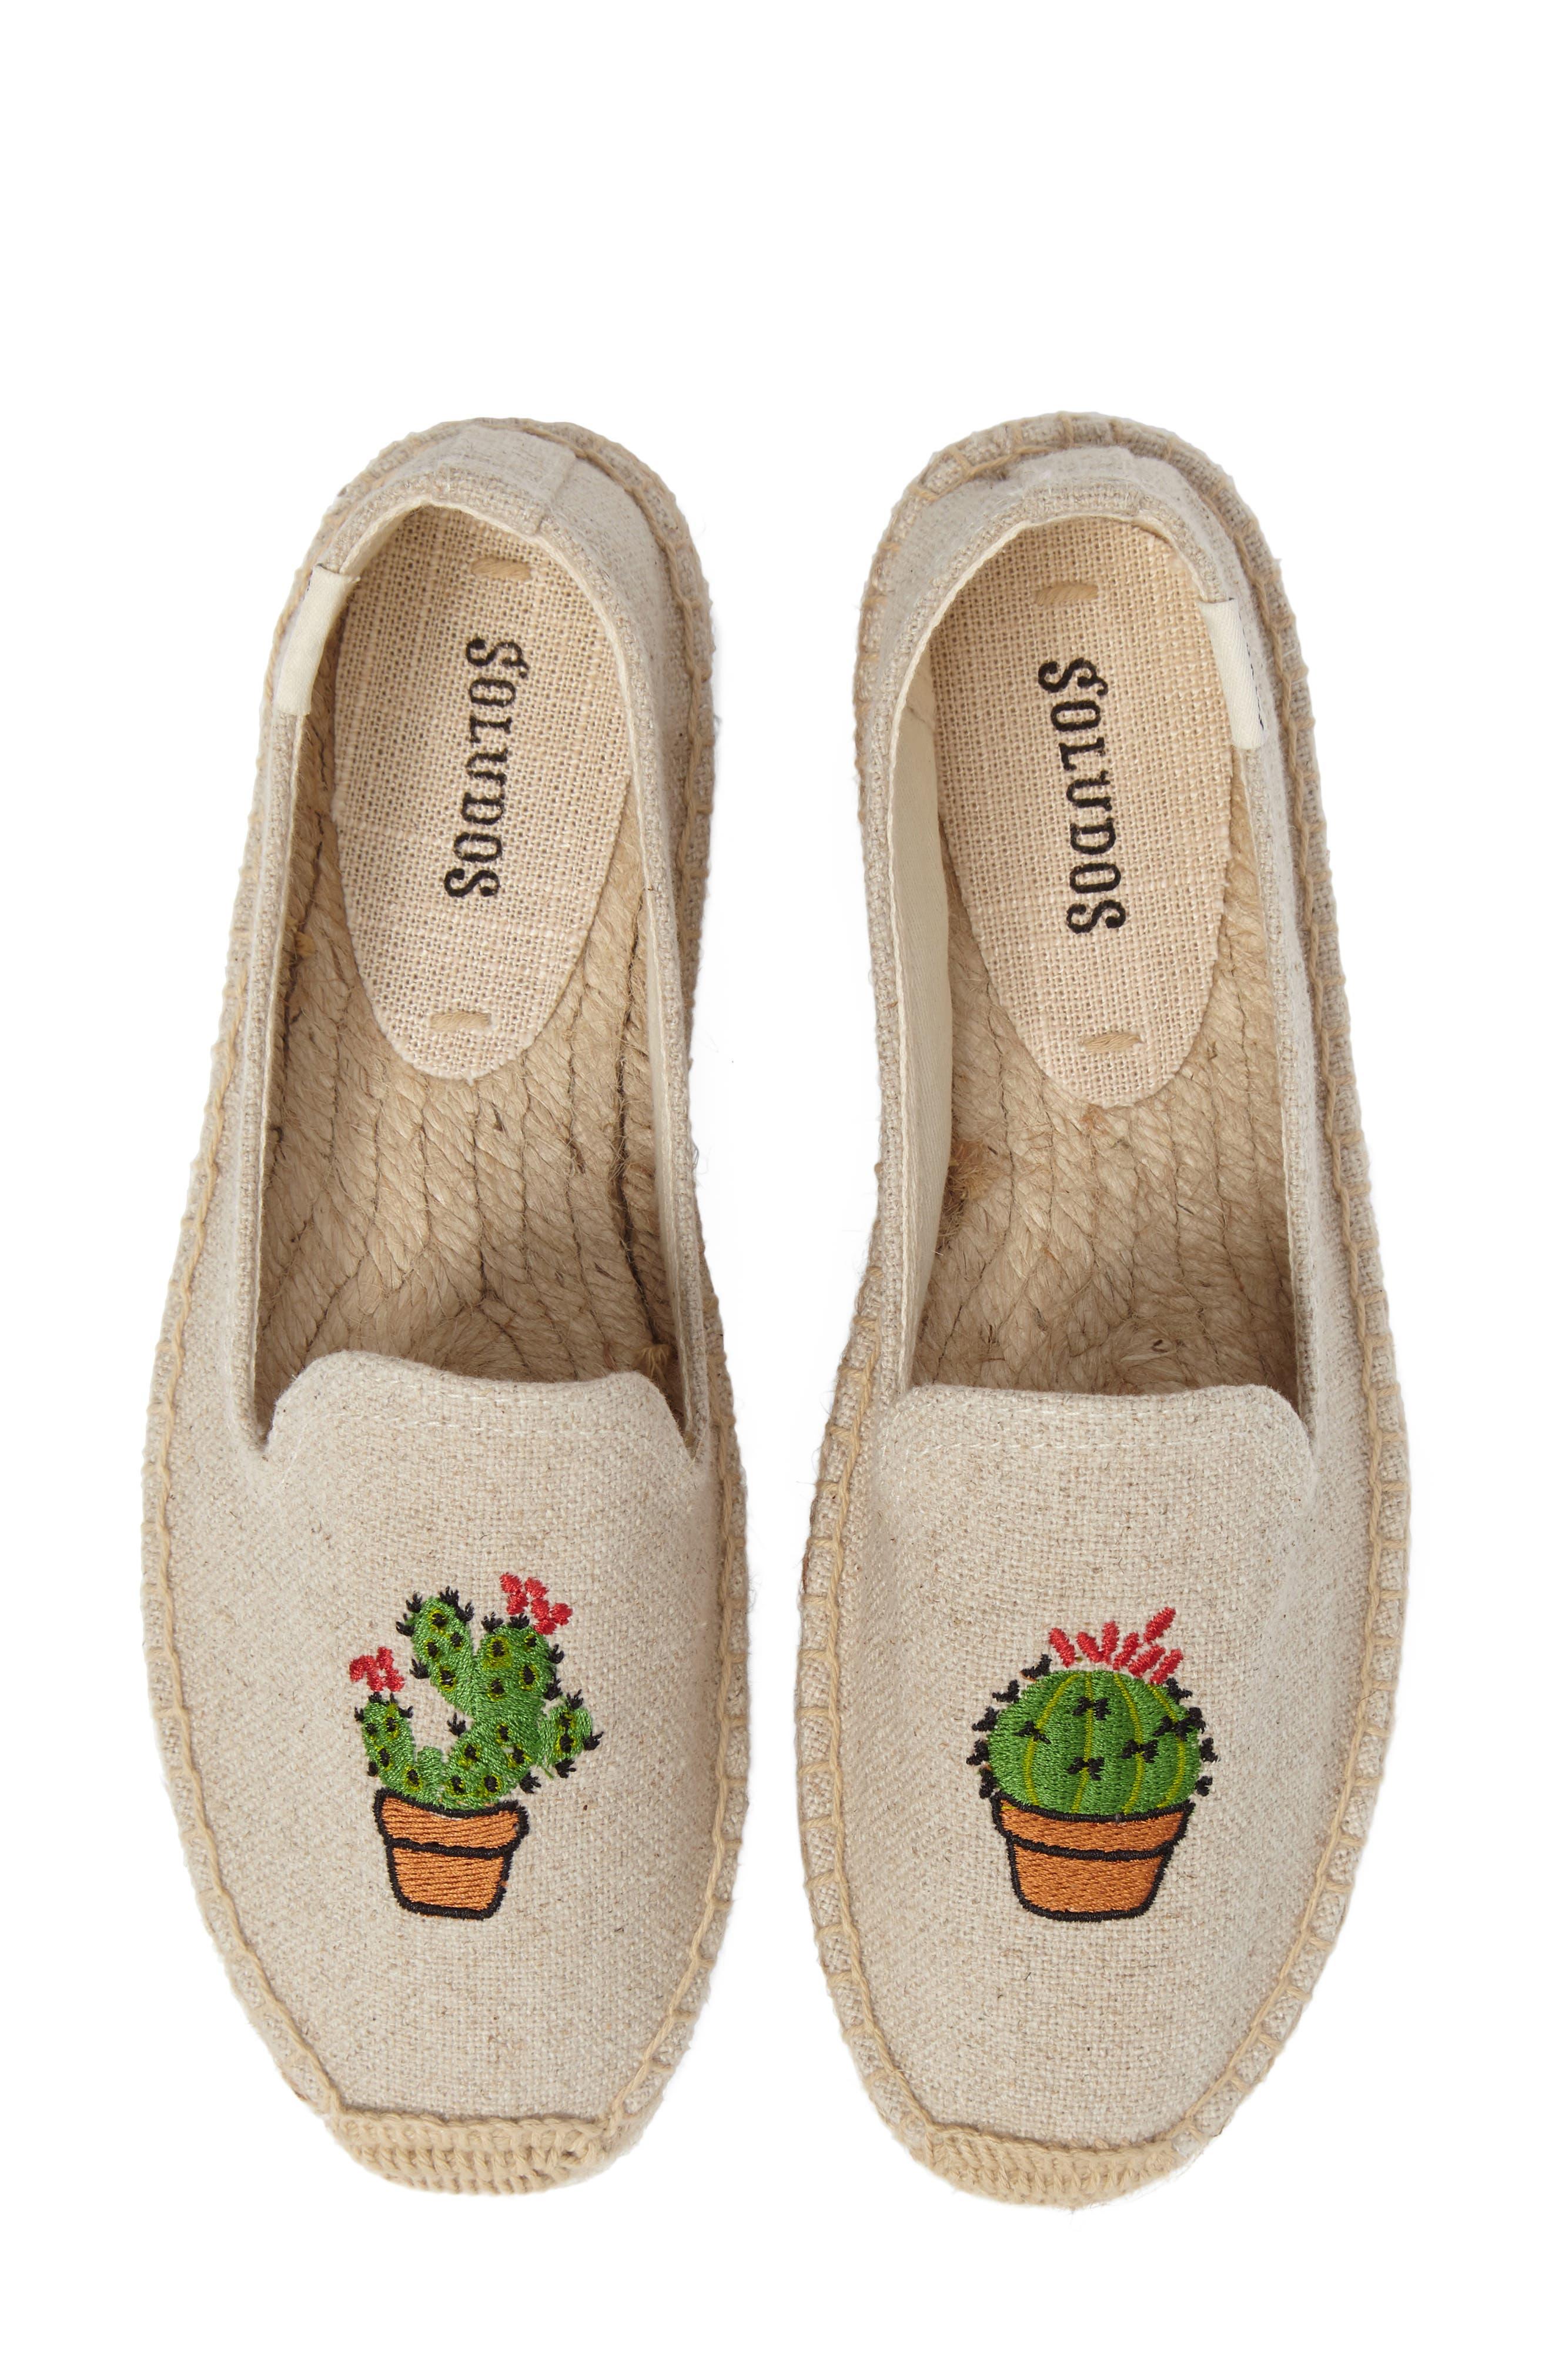 Main Image - Soludus Cactus Platform Espadrille (Women)